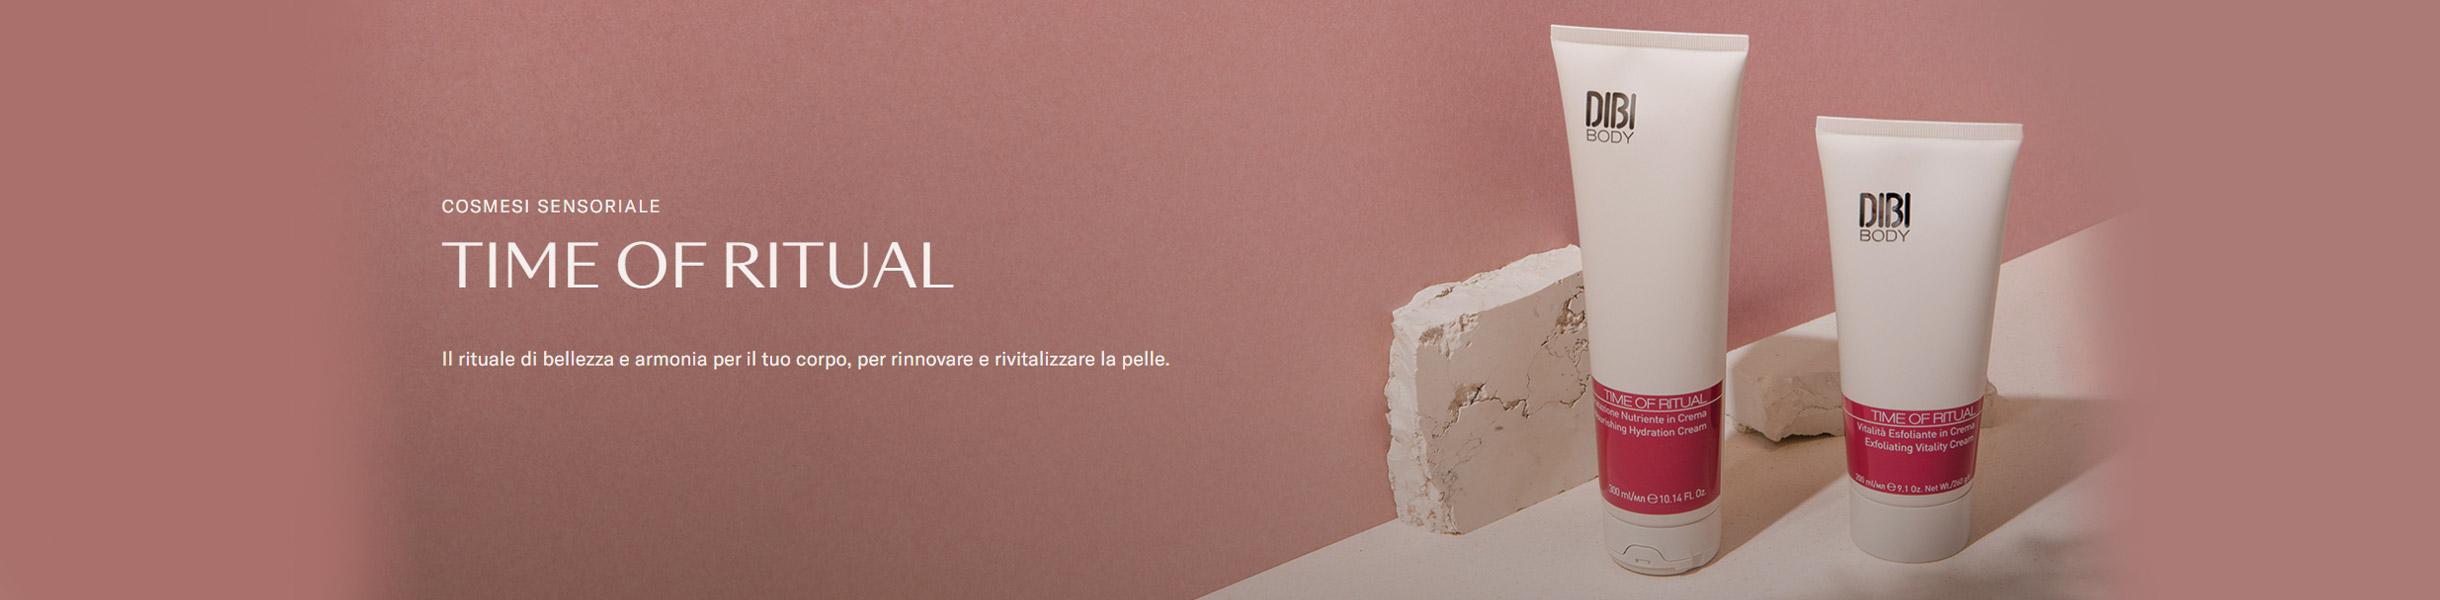 TIME OF RITUAL - TRATTAMENTI DI BELLEZZA CORPO